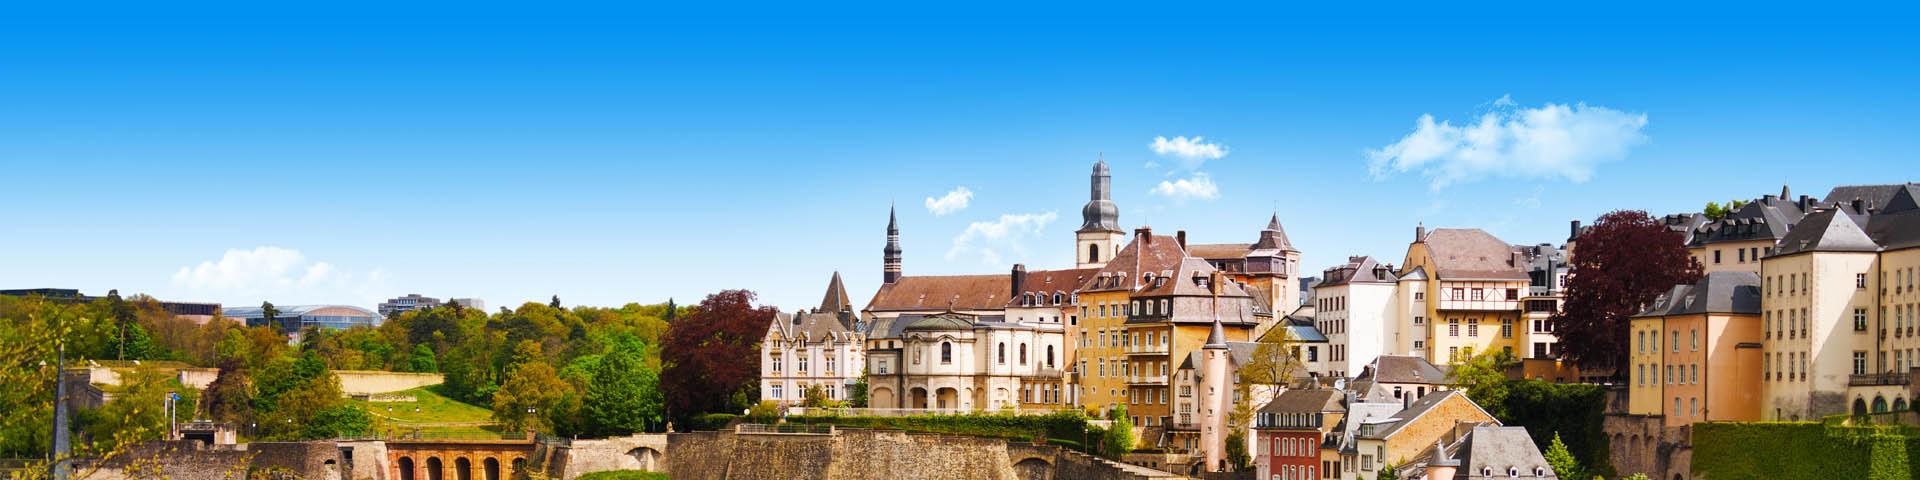 Bovenaanzicht met oude huisjes van de stad Luxemburg